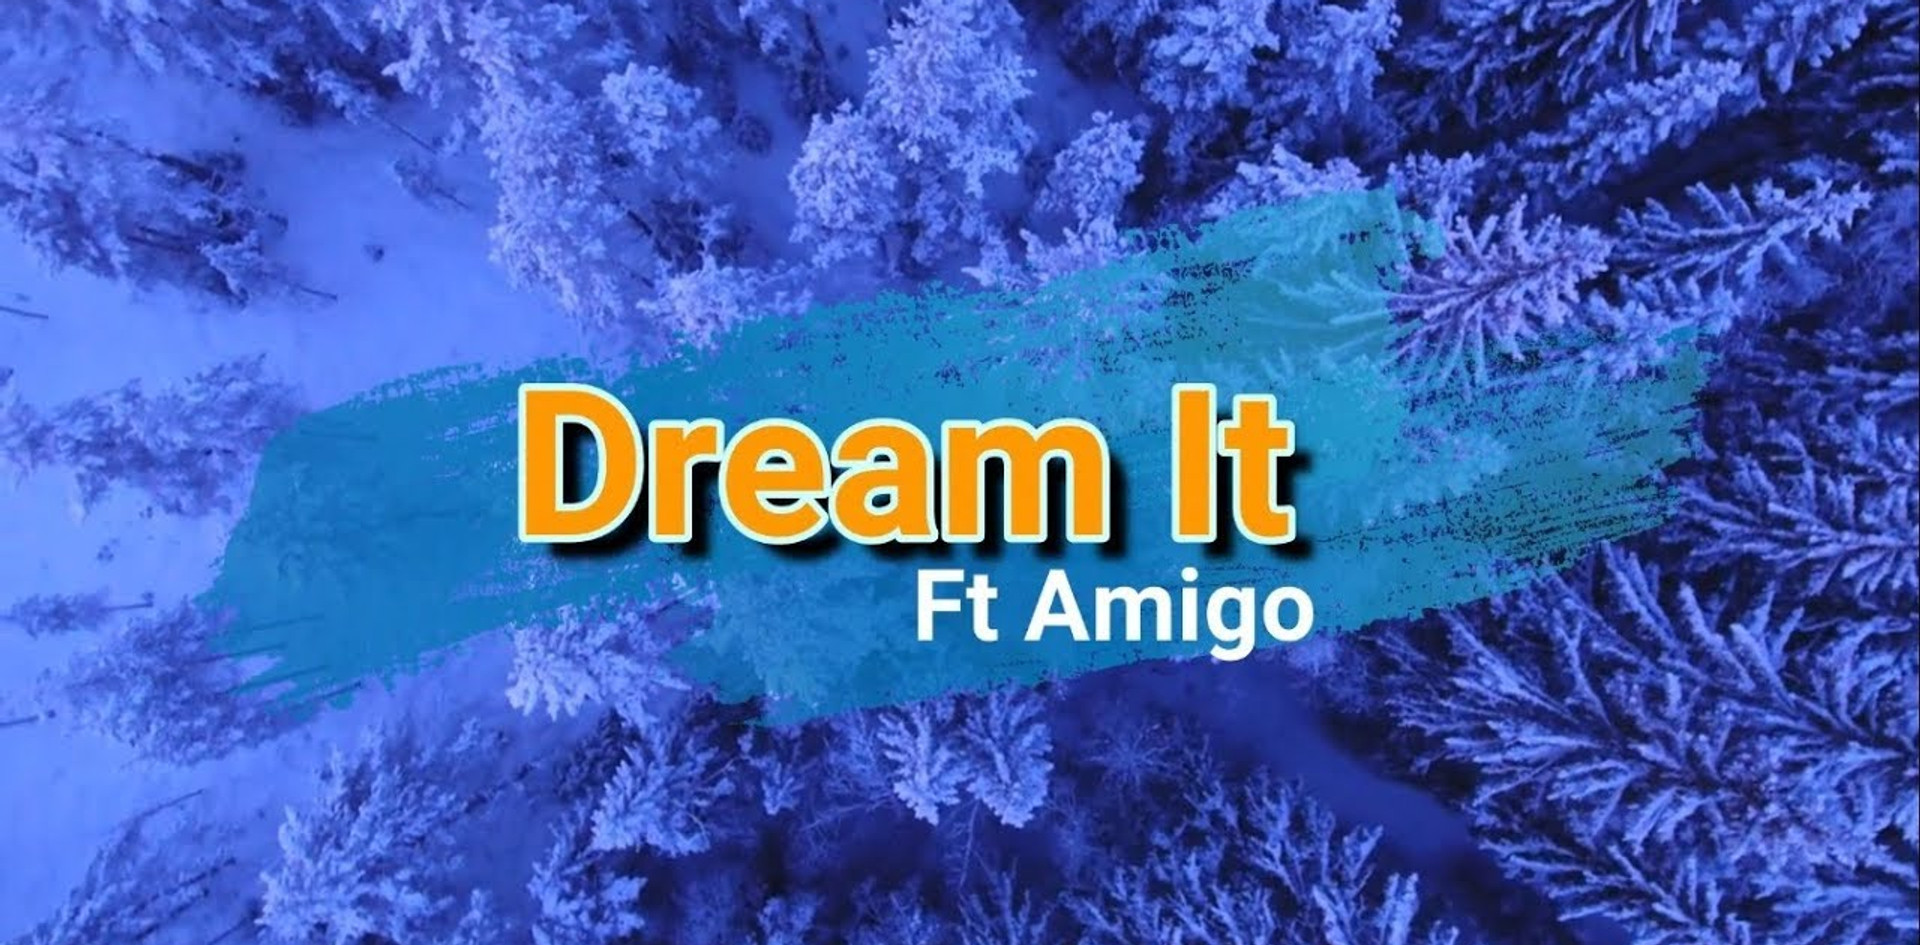 Dream it Ft. AMIGO